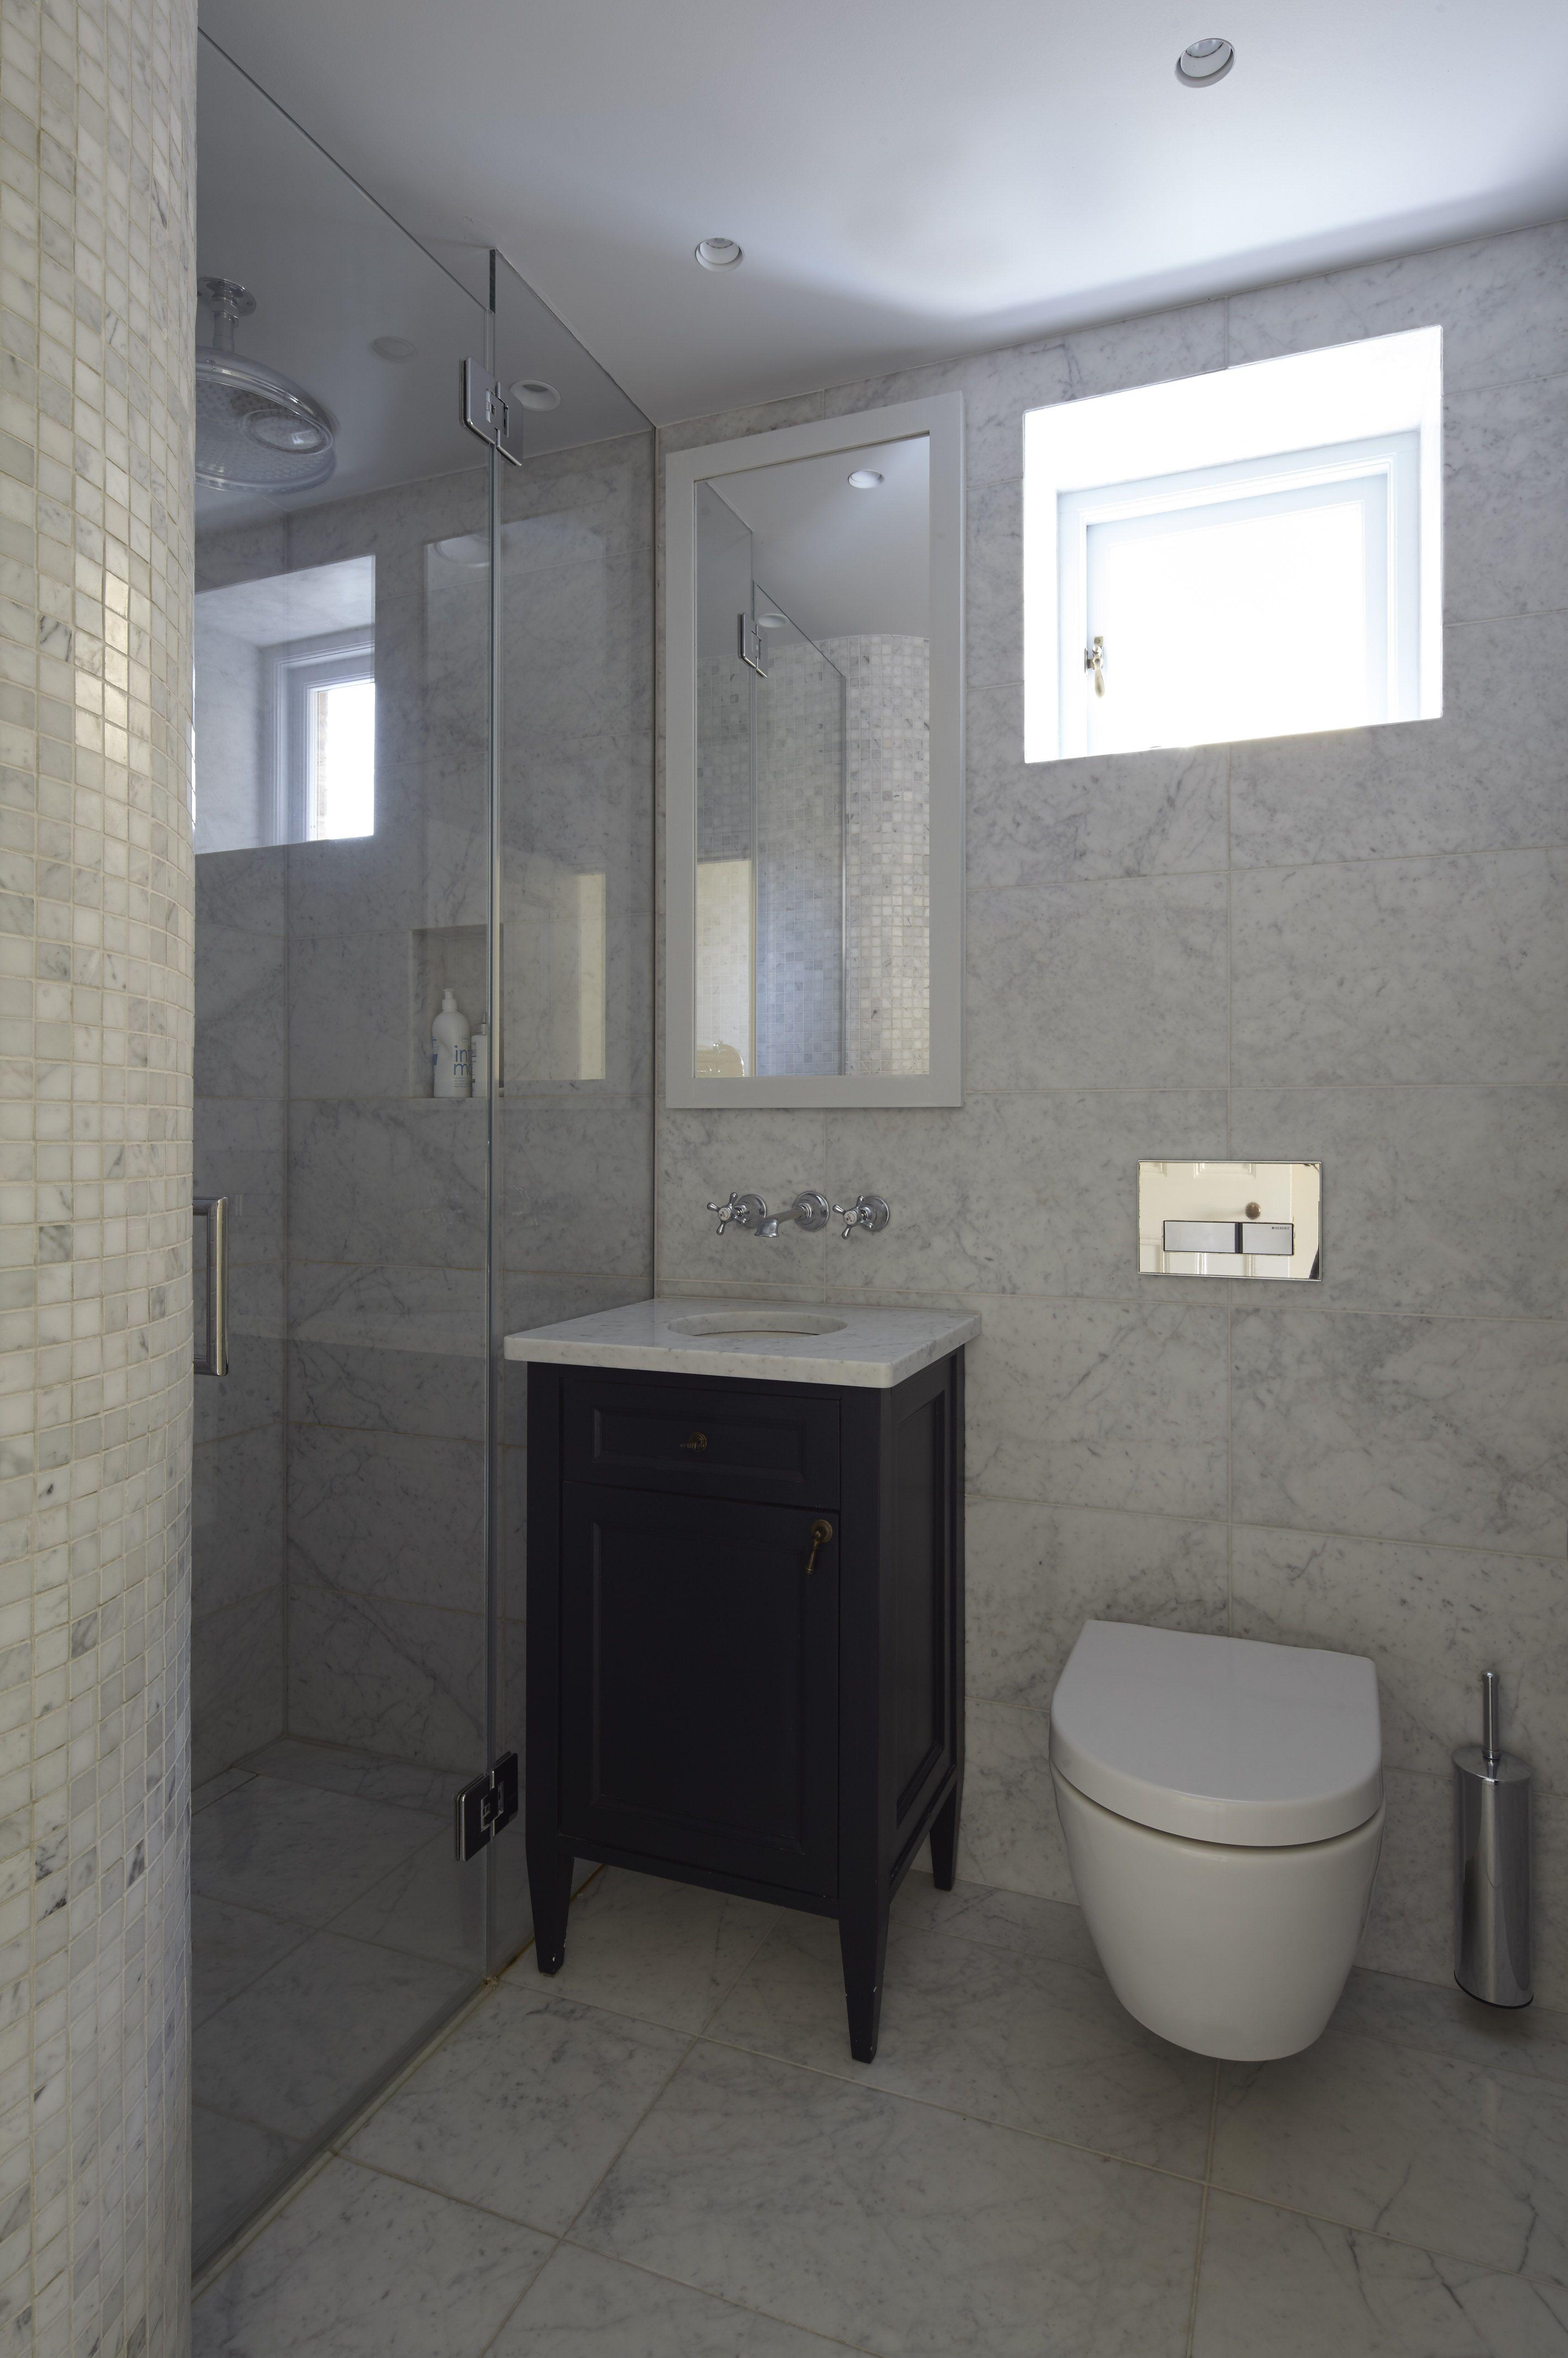 Bespoke Bathroom Vanity Unit Hand Painted Marble Top Bathrooms